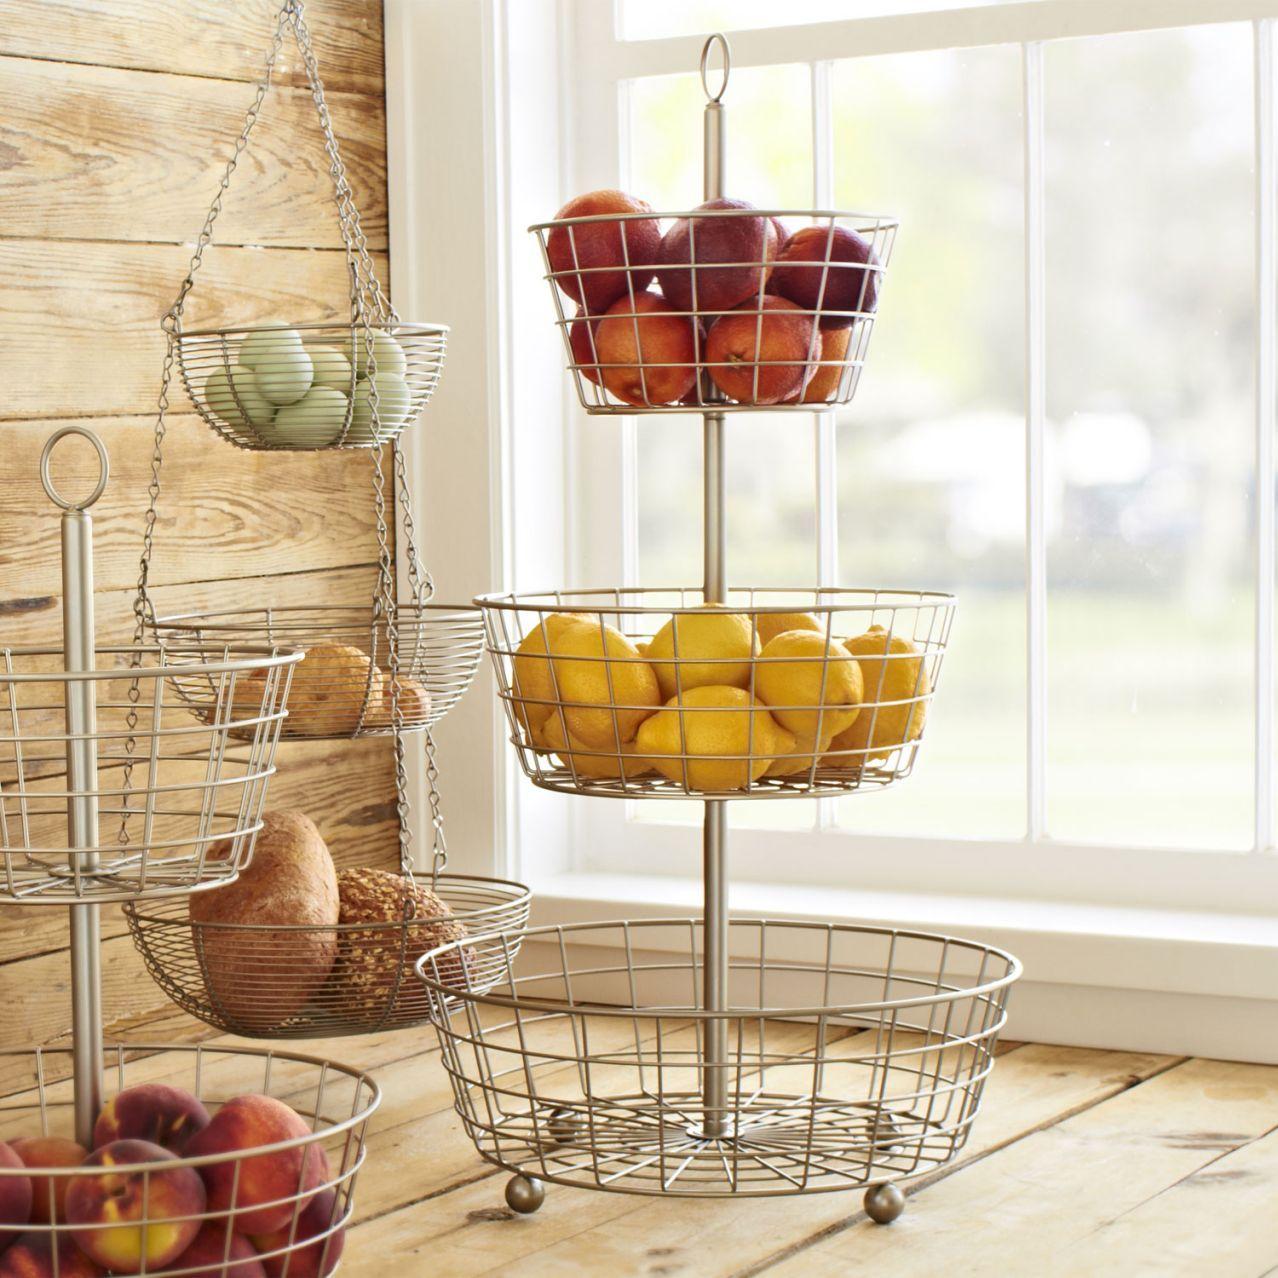 Sur La Table 3 Tier Hanging Basket, Brushed Aluminum At Sur La Table